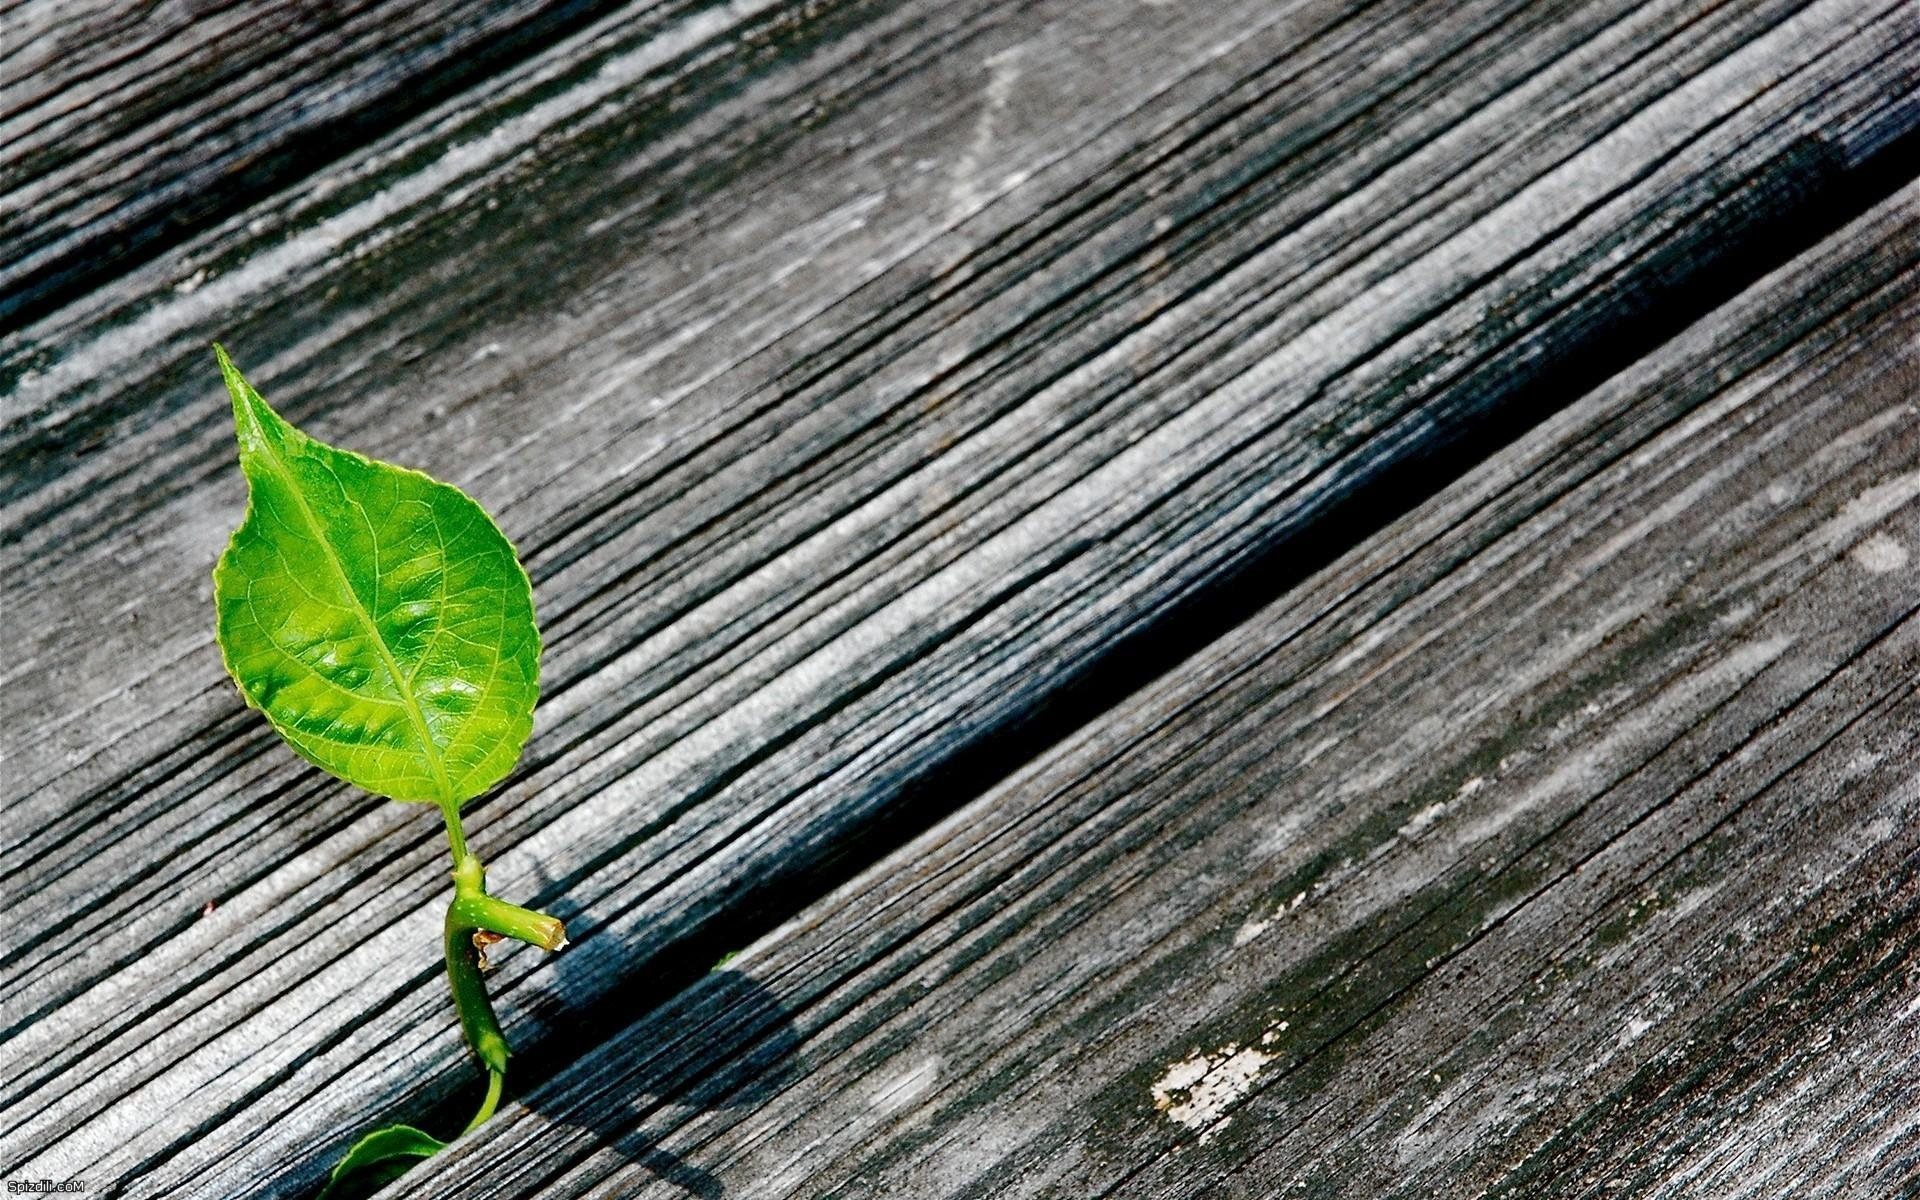 11291 скачать обои Растения, Листья - заставки и картинки бесплатно